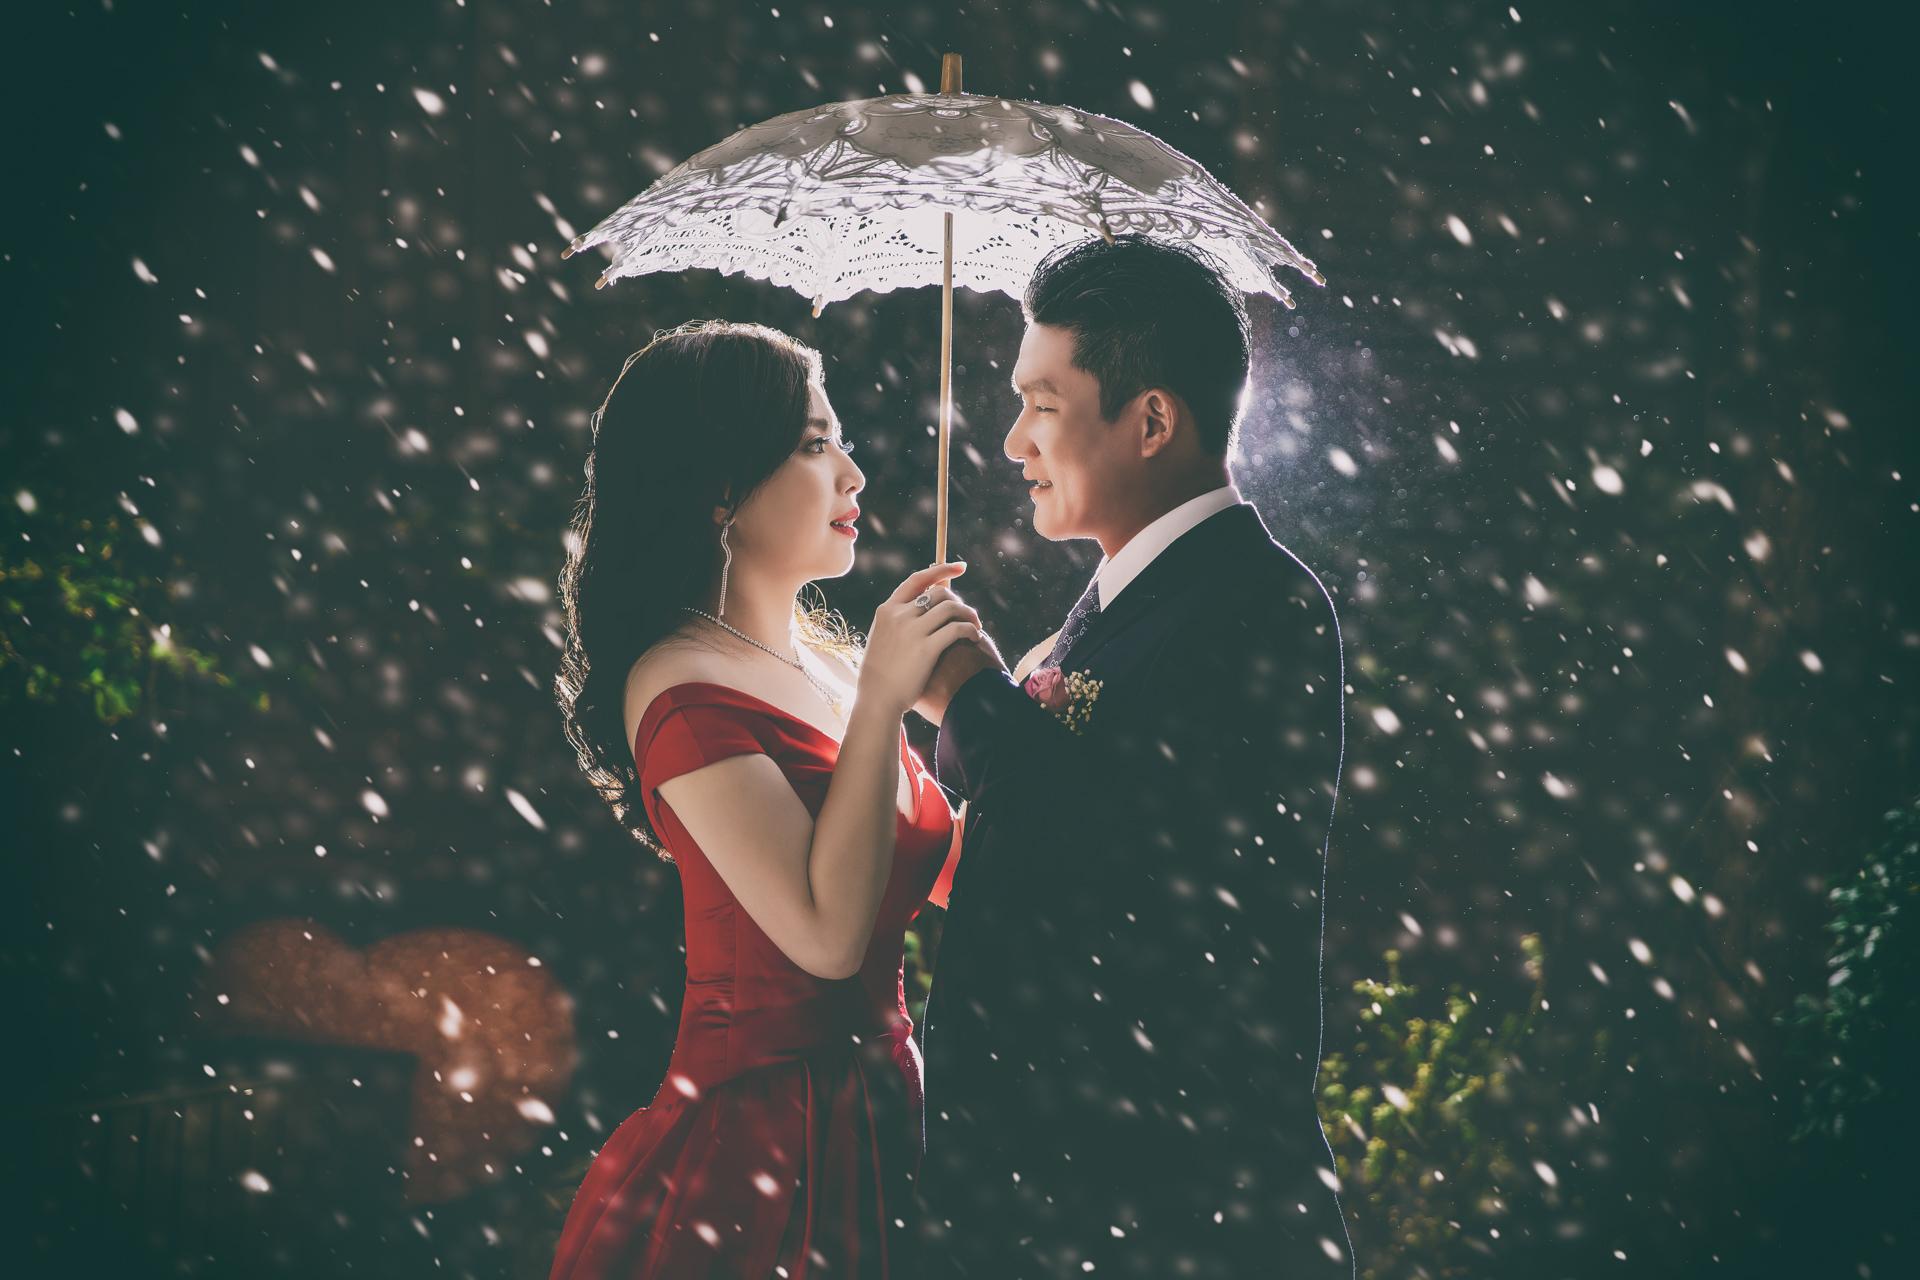 婚攝,婚禮攝影,台南海鮮會館,士林台南海鮮會館,吉祥廳